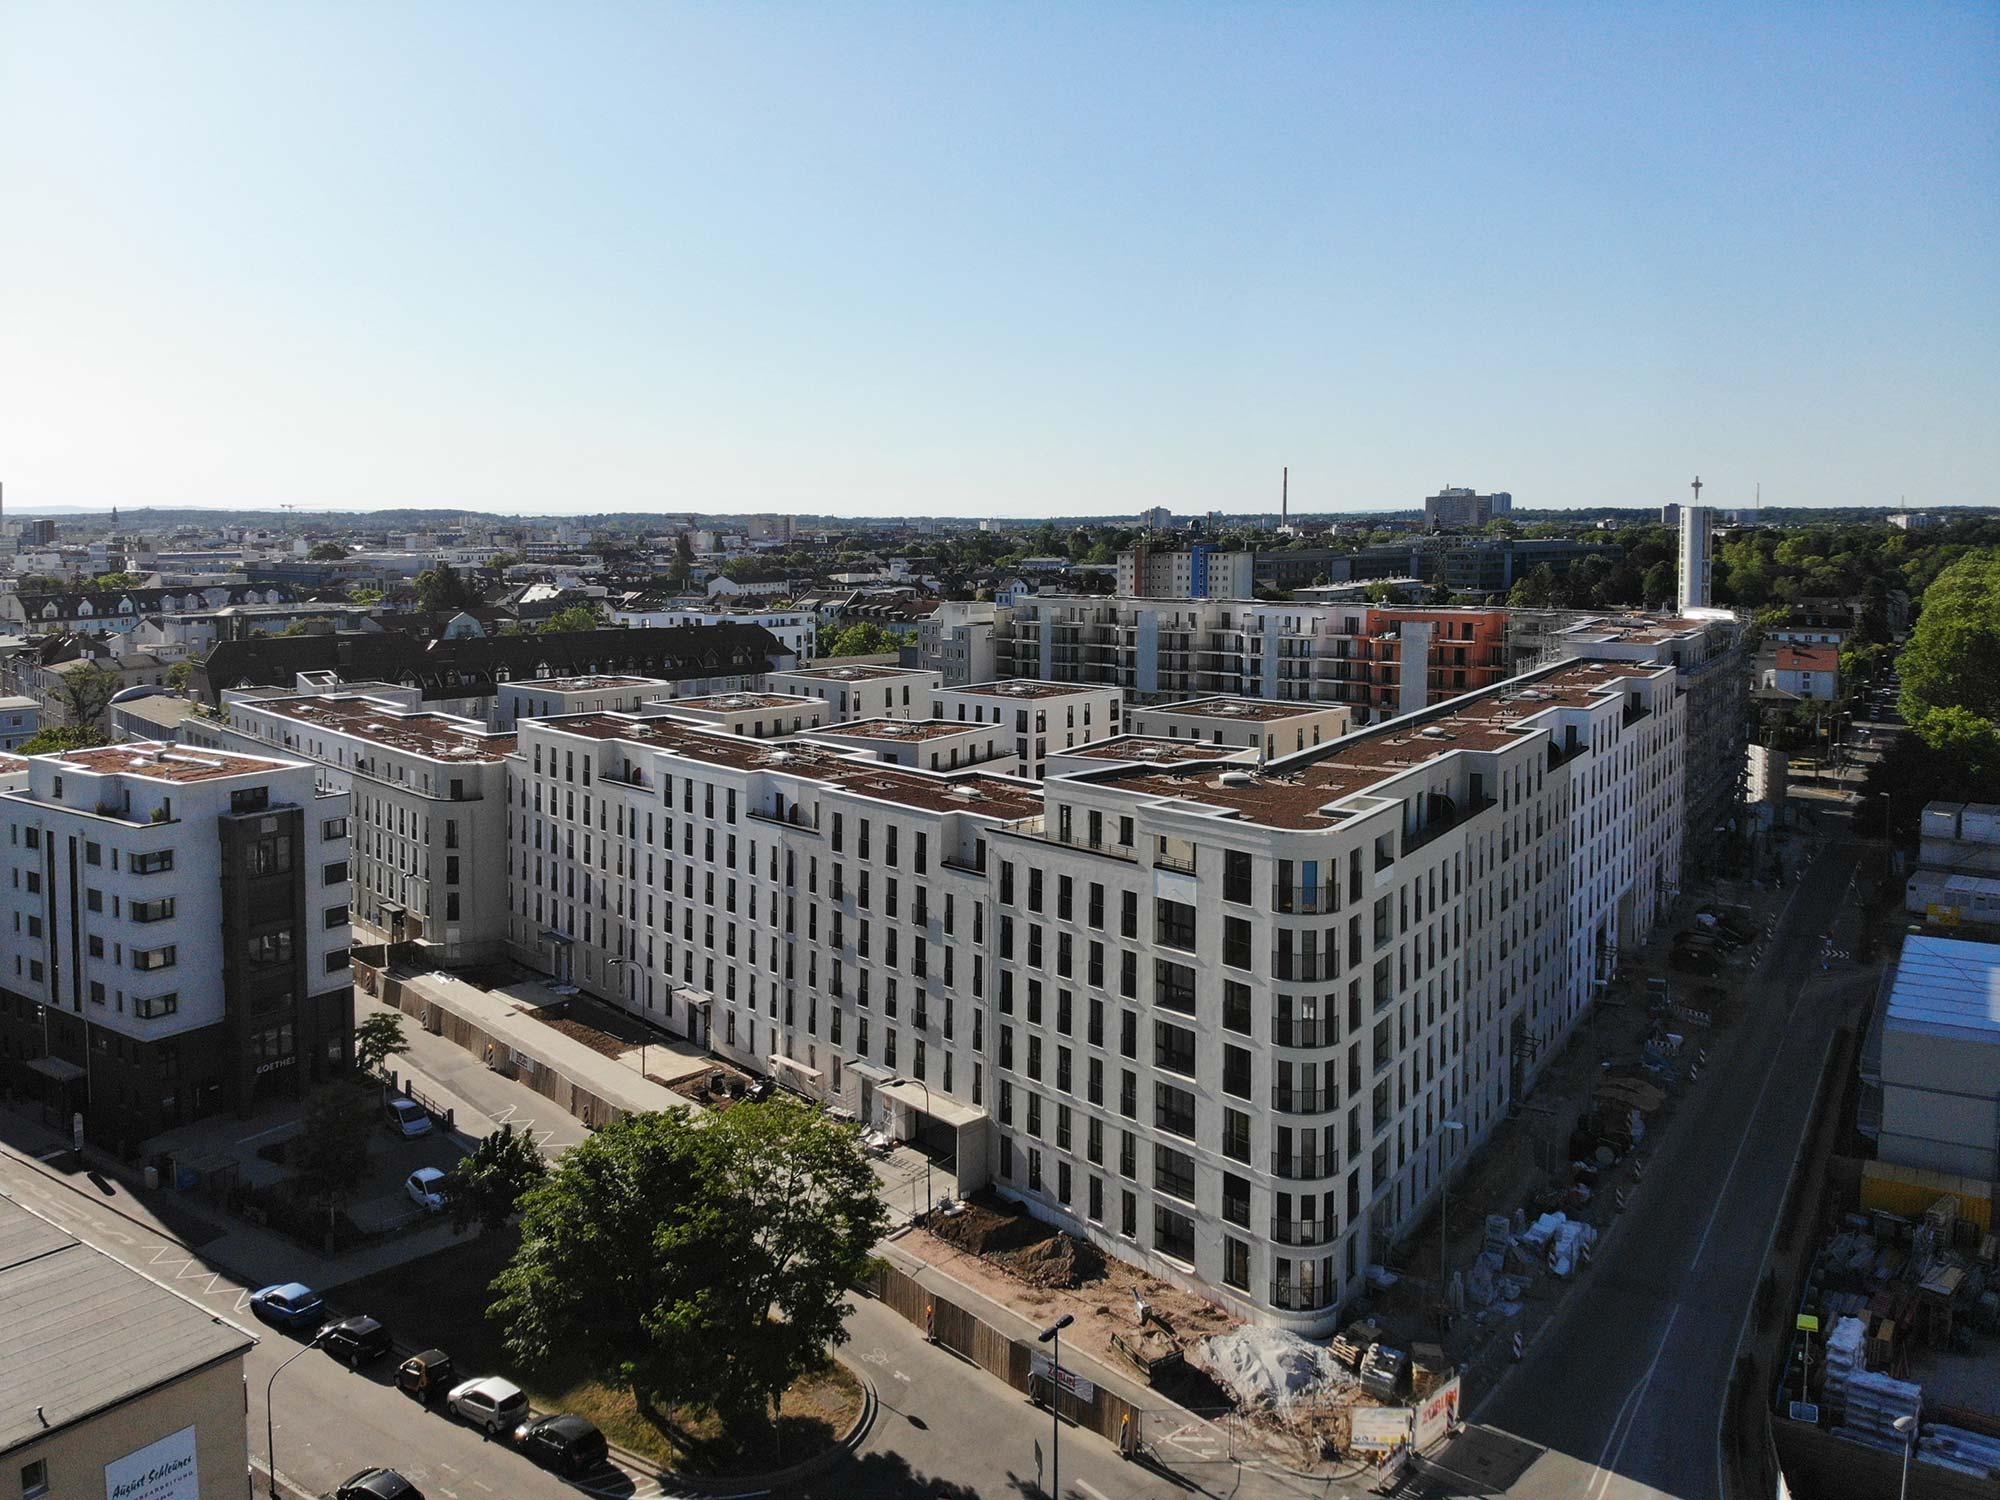 Goethequartier Offenbach - unmittelbar neben dem Vitopia Campus liegt das neue Wohnprojekt Goehe Quartier mit Hunderten von Wohnungen und einem EDEKA Markt (Sommer 2020)